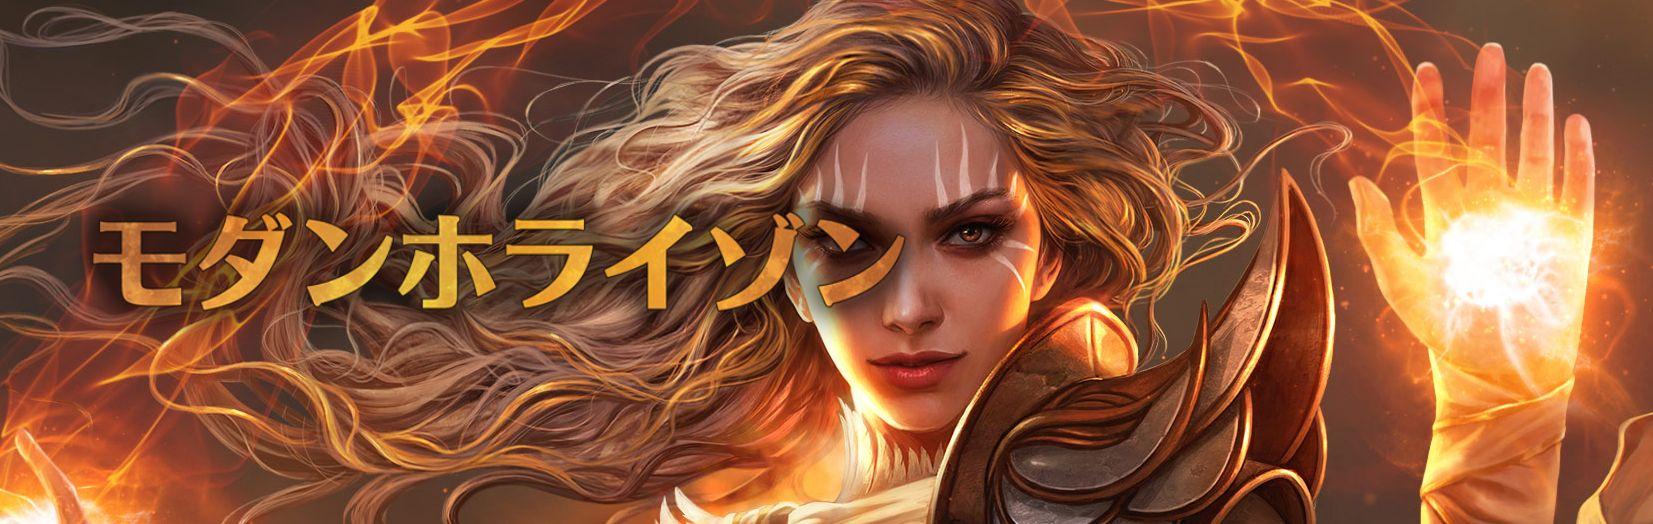 【リリースノート】MTG「モダンホライゾン」のリリースノートが公開!最新セットの詳細ルールをチェック!